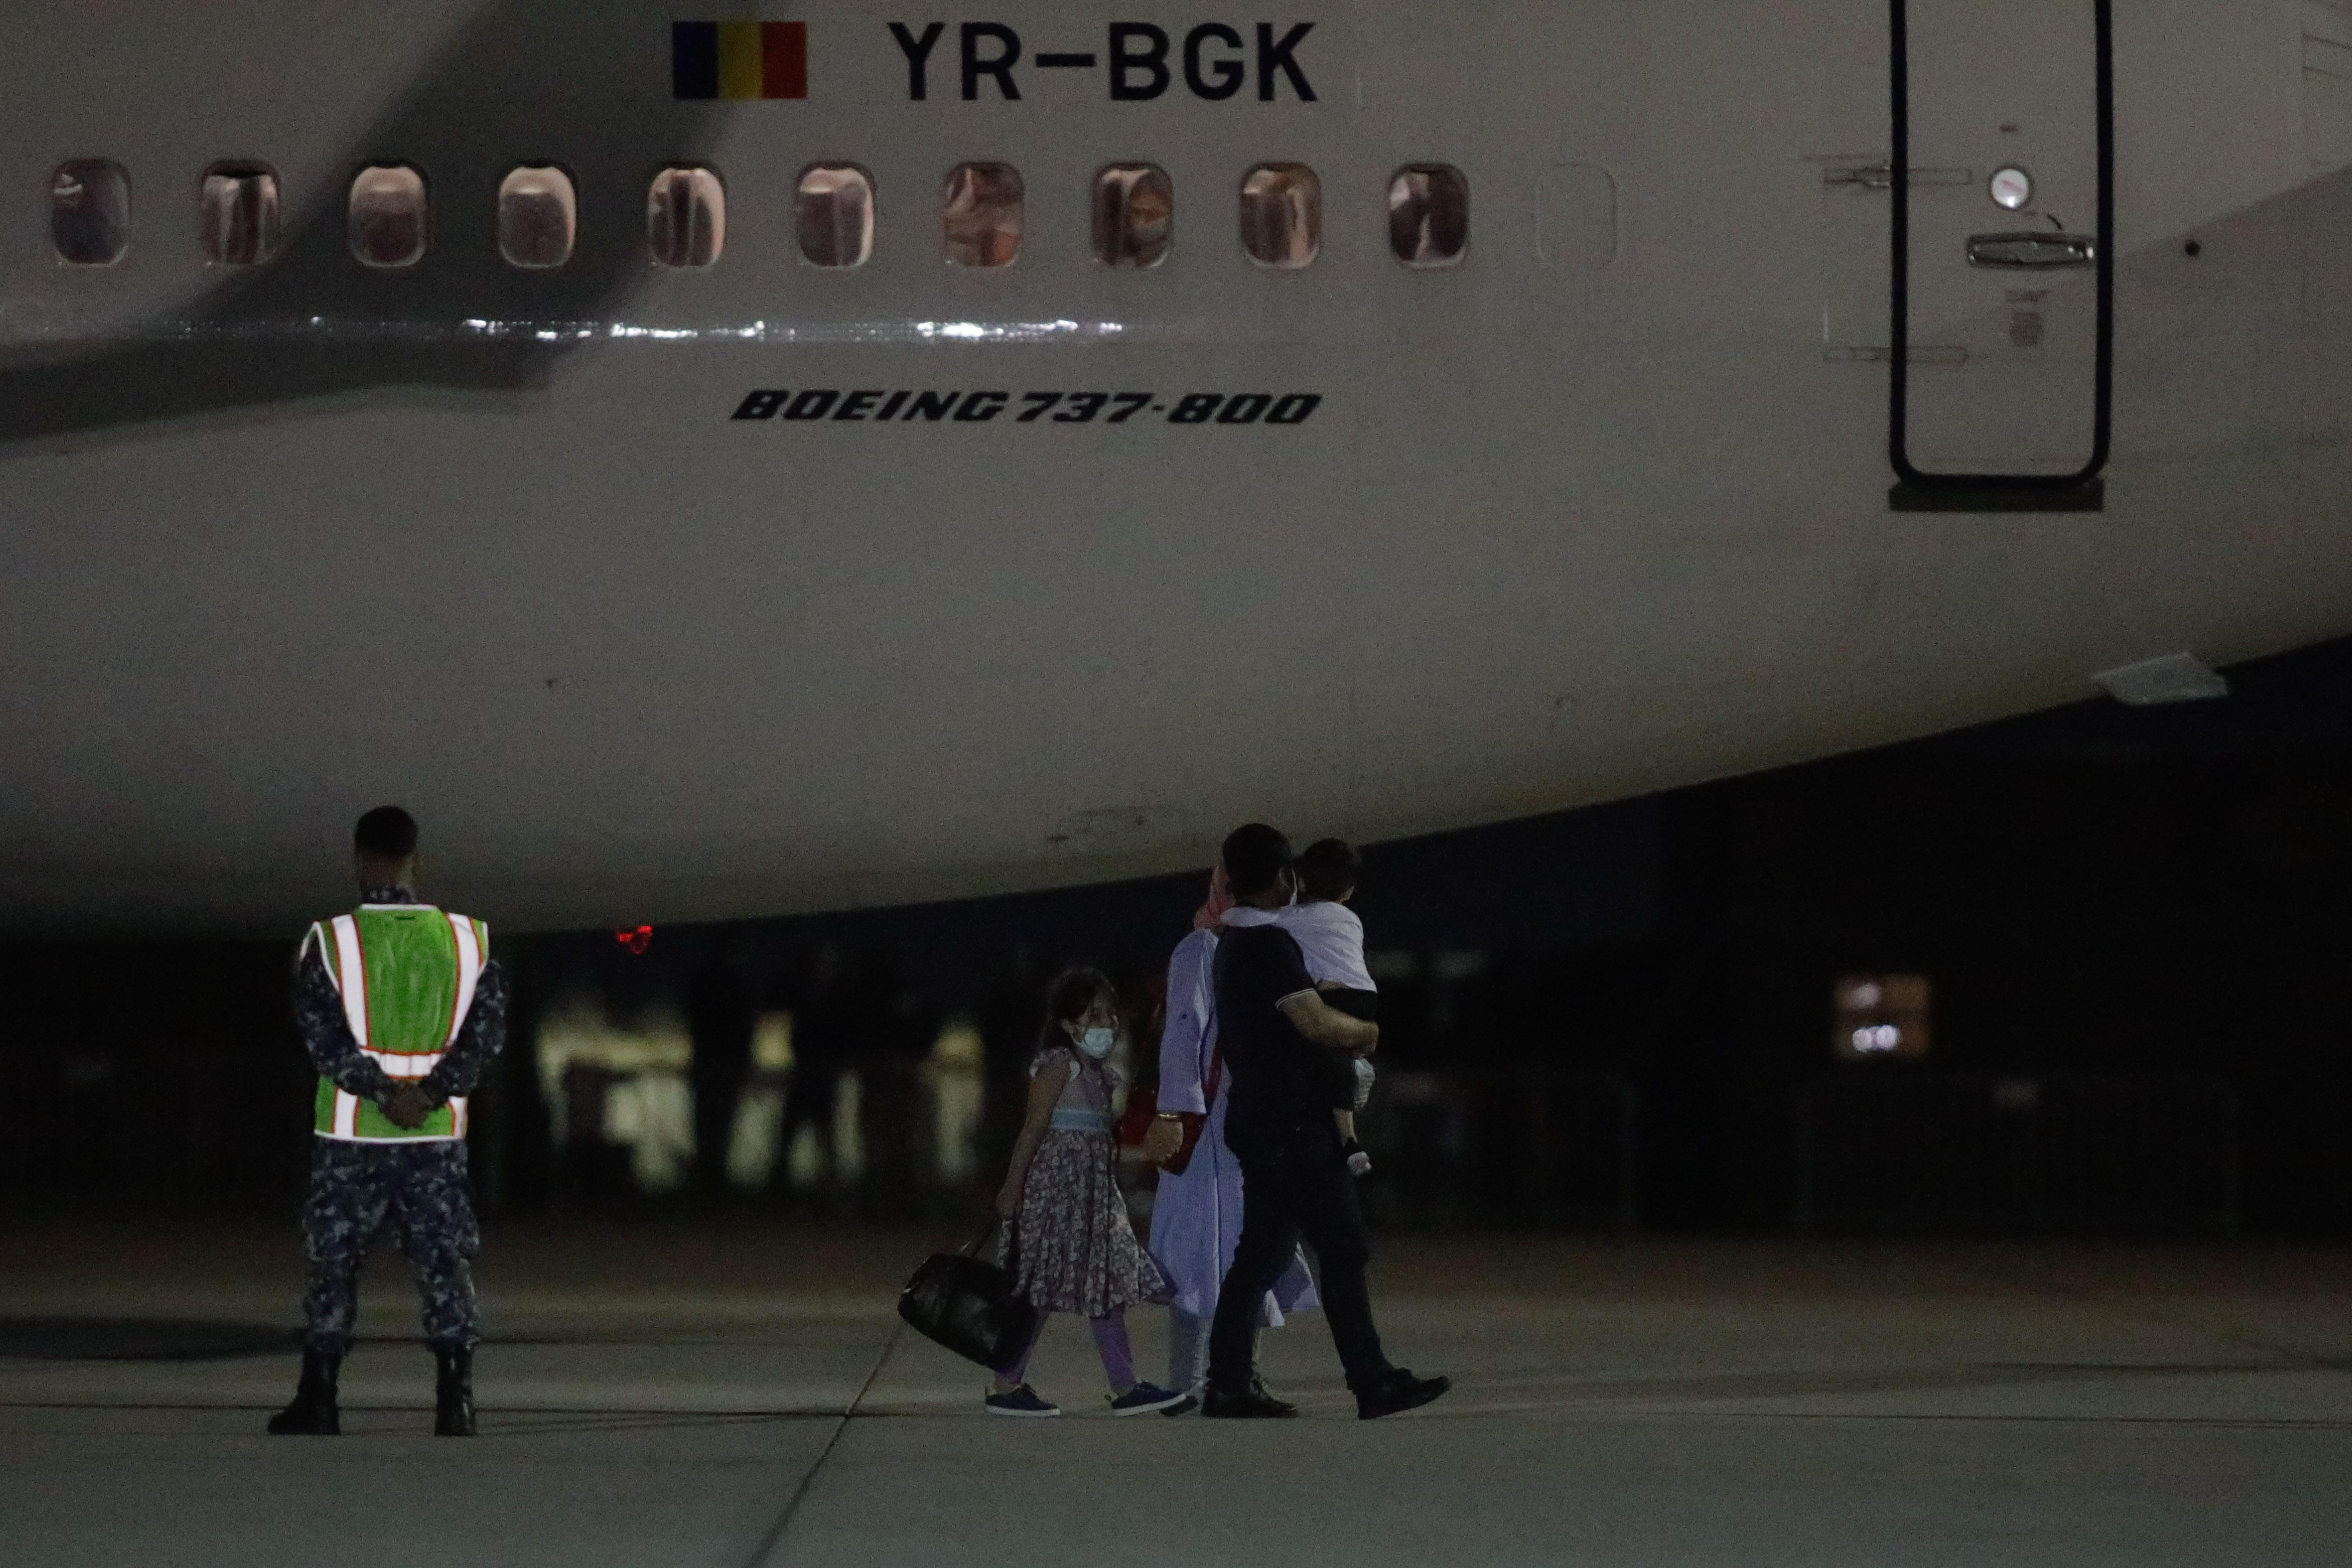 afgani extrasi sosire bucuresti mae aurescu inquam george calin 20210909215839__CL_4852